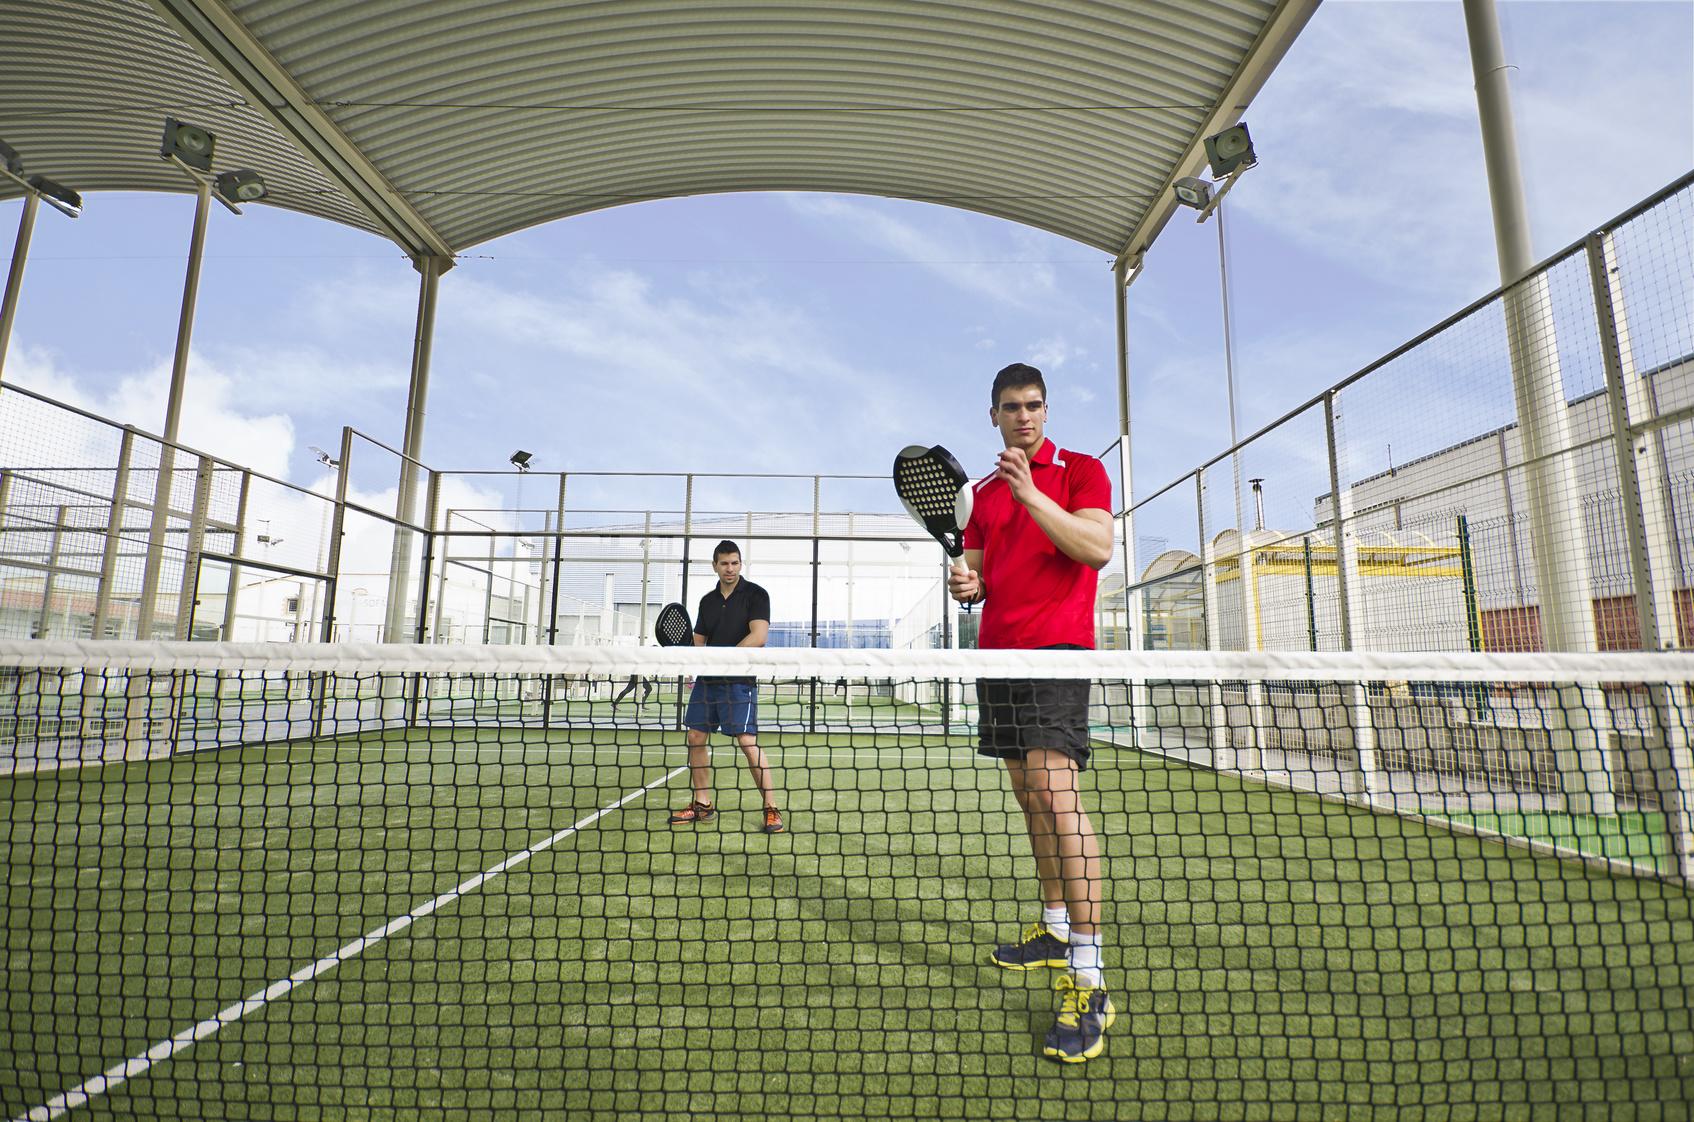 La pratique du tennis et sa Fédération